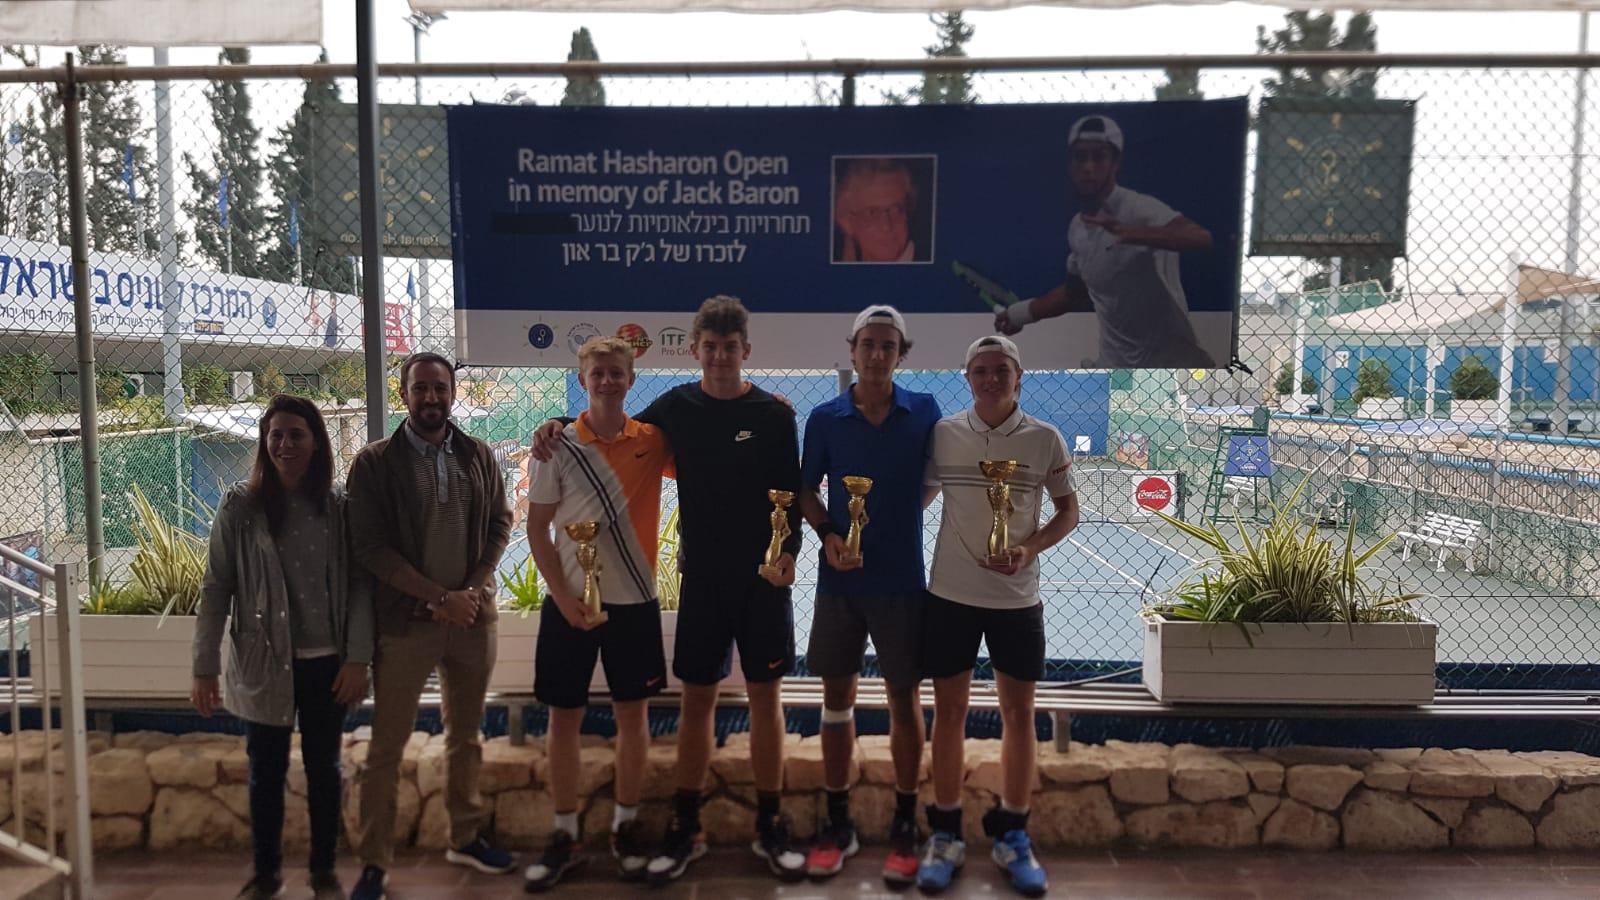 Rein schweizerischer Doppelfinal. 10:7 im dritten Satz gegen Tanner und Kym. Zusammen waren sie 3 Wochen in Israel